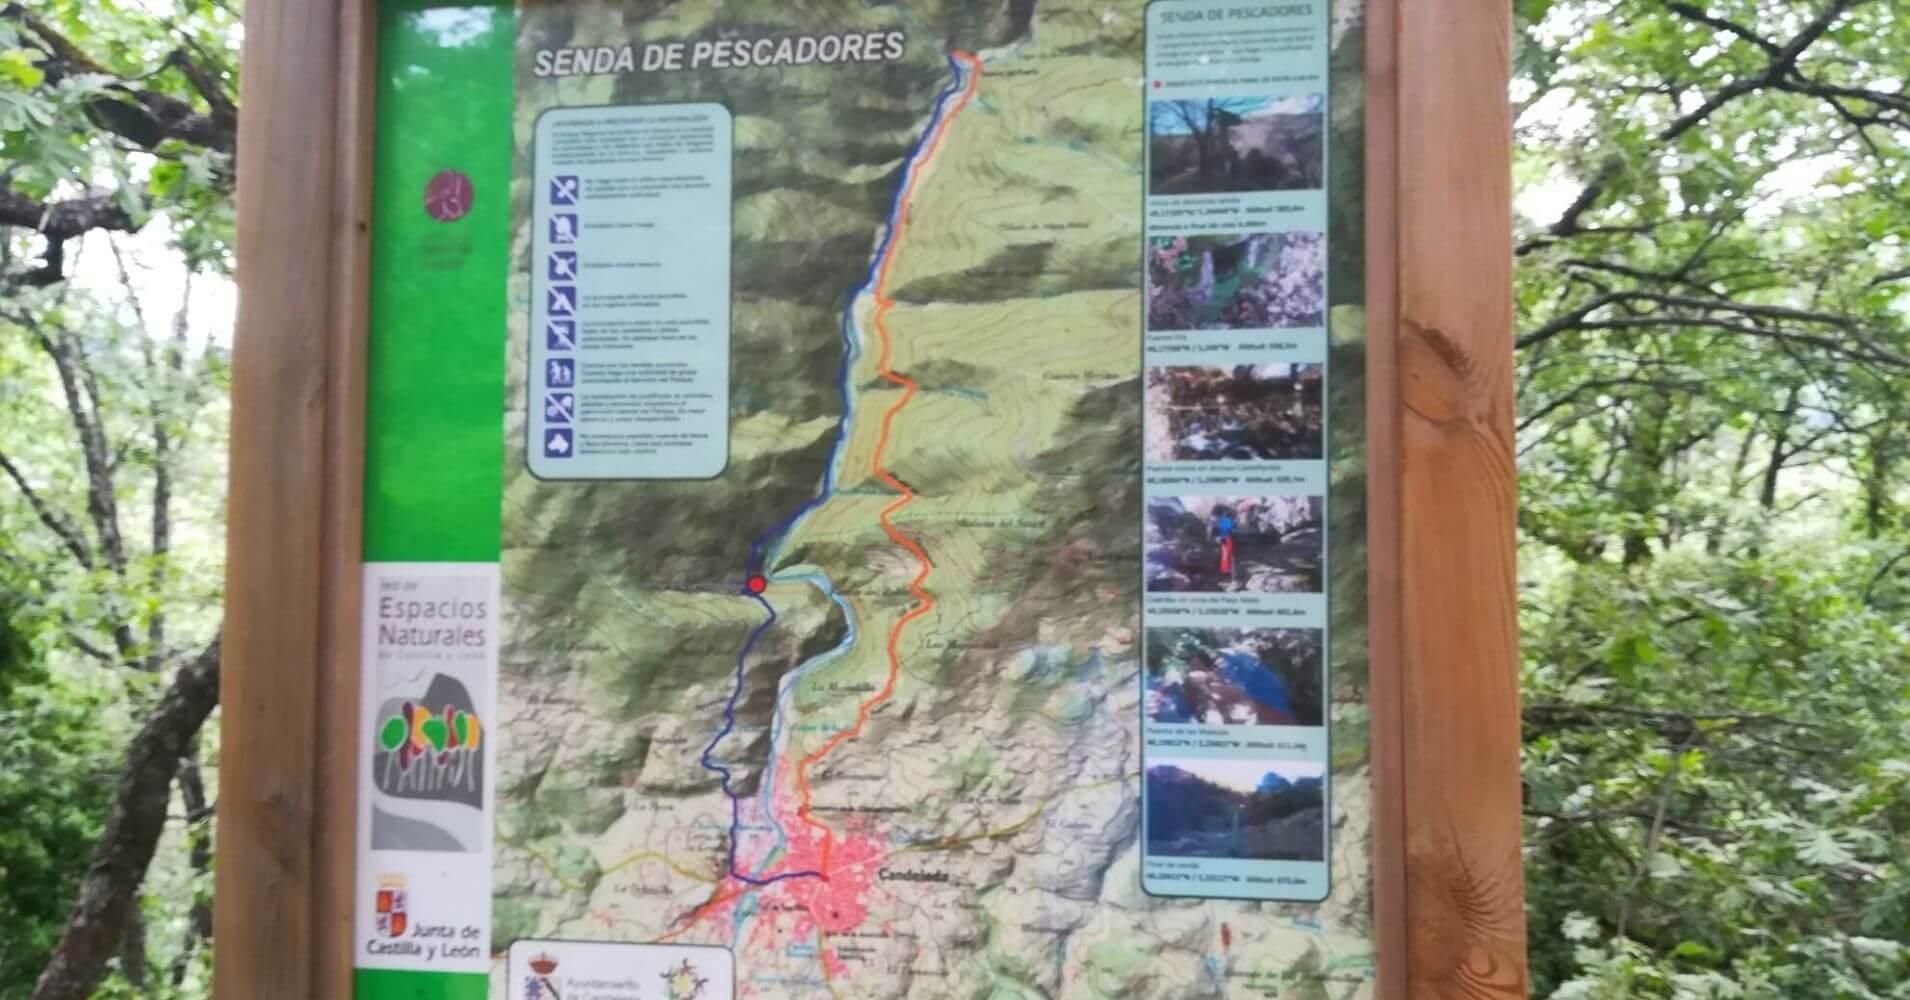 Panel Informativo Senda de Pescadores SL-AV 3. Candeleda, Castilla y León.